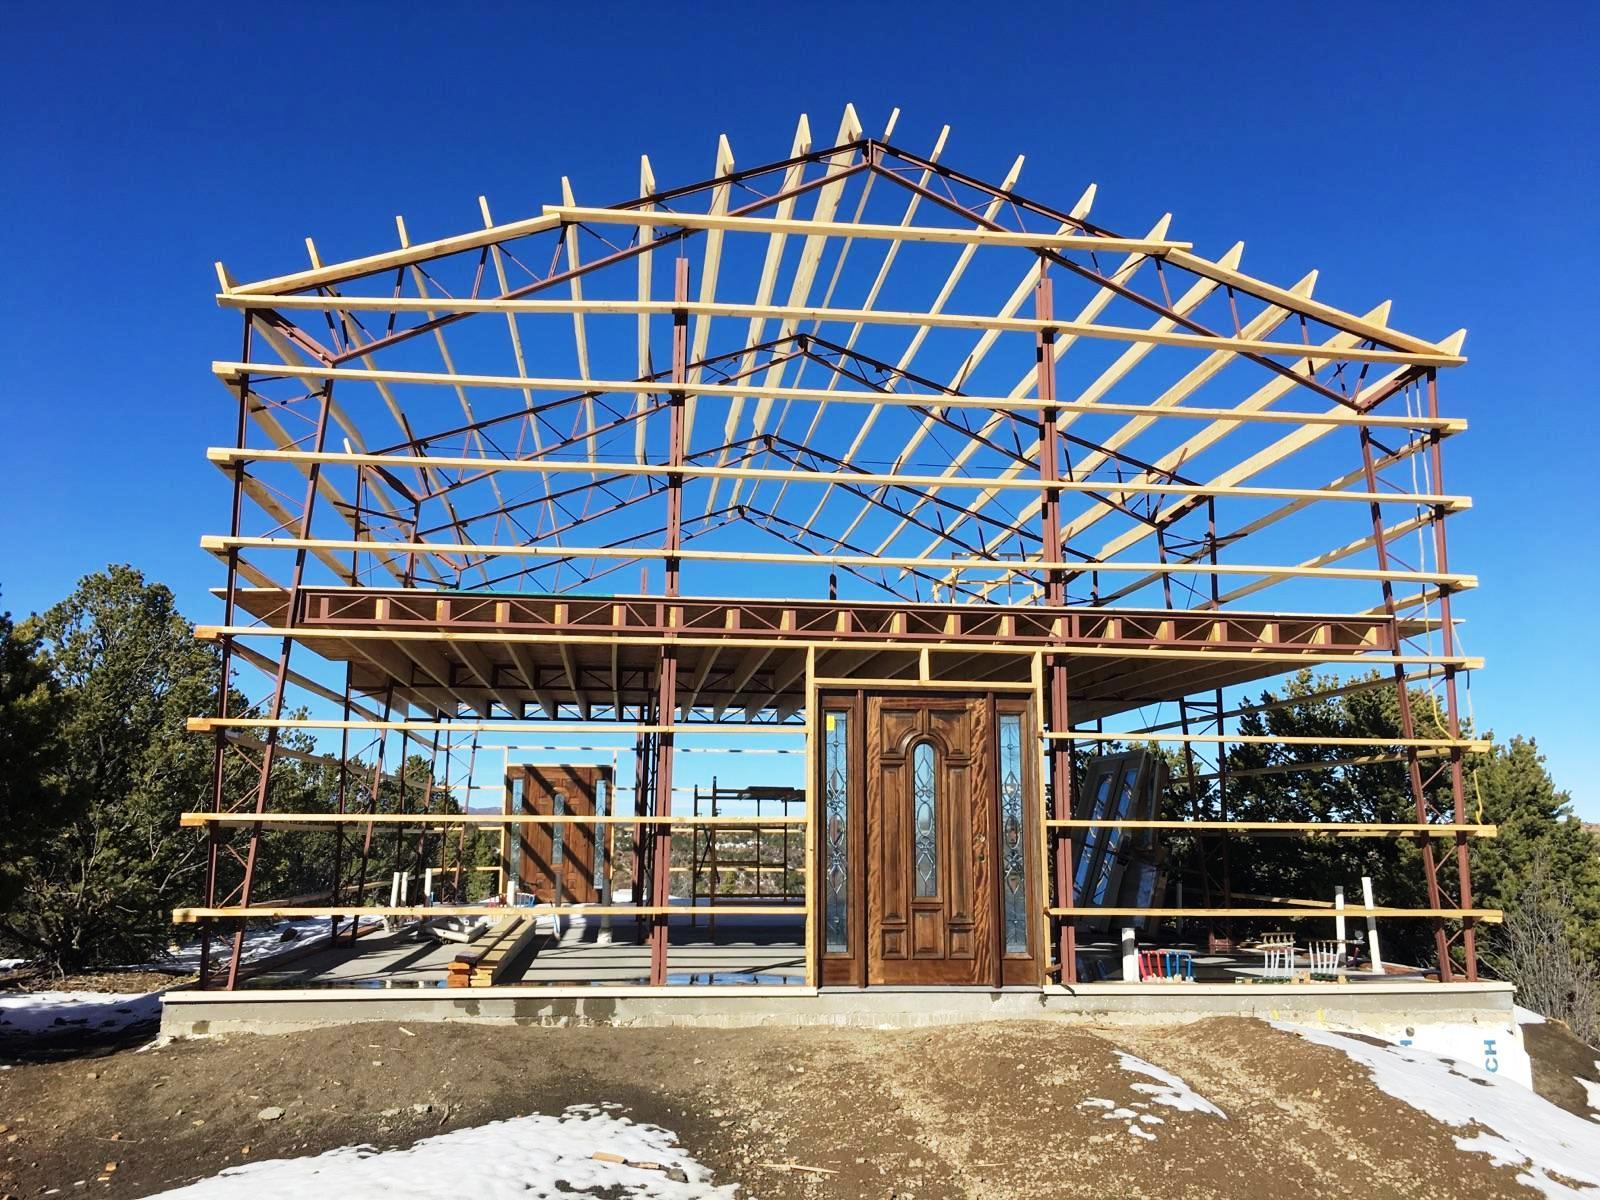 framework of a barn using steel trusses